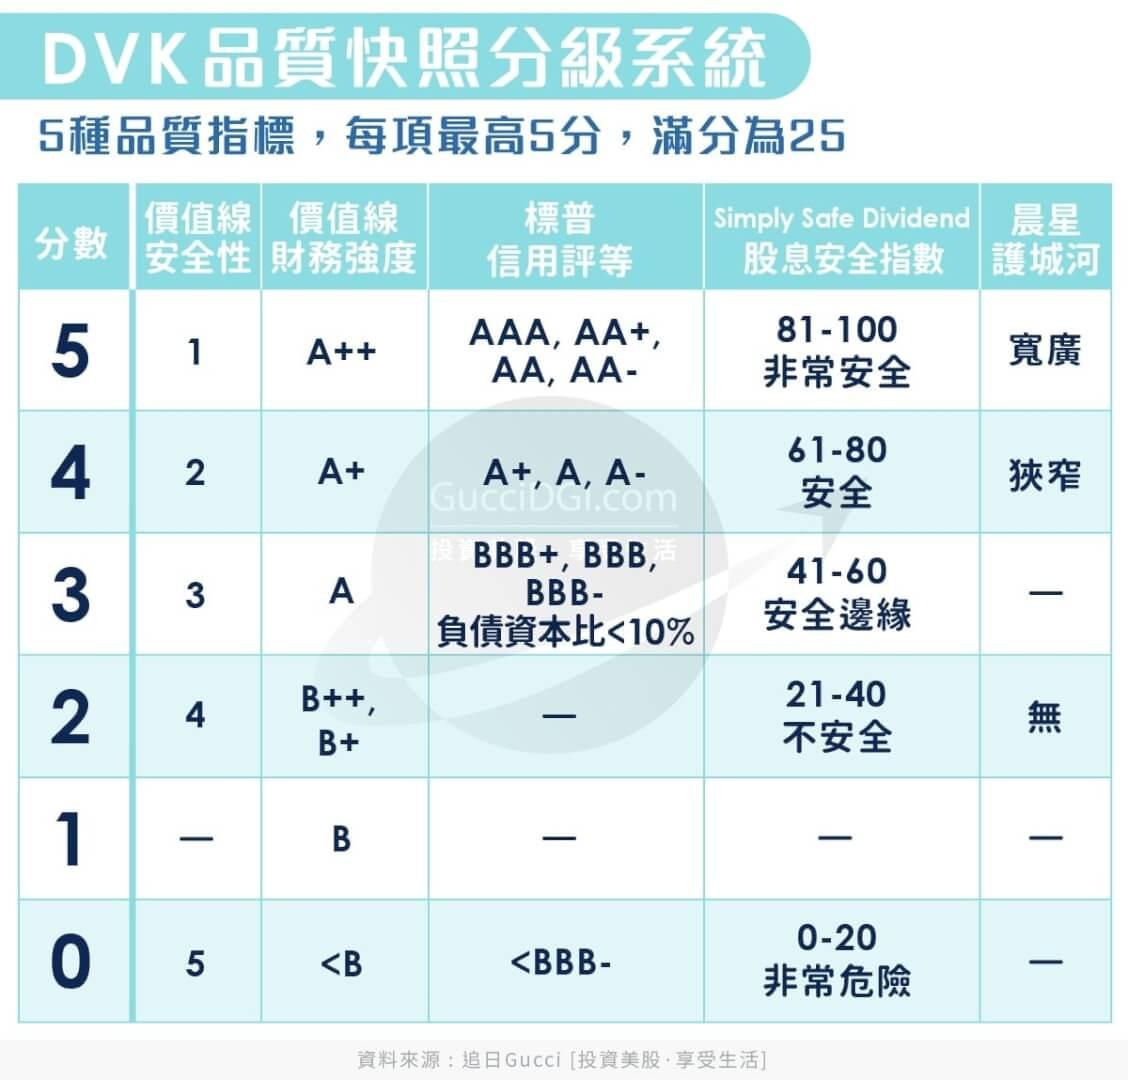 DVK Quality Snapshot System